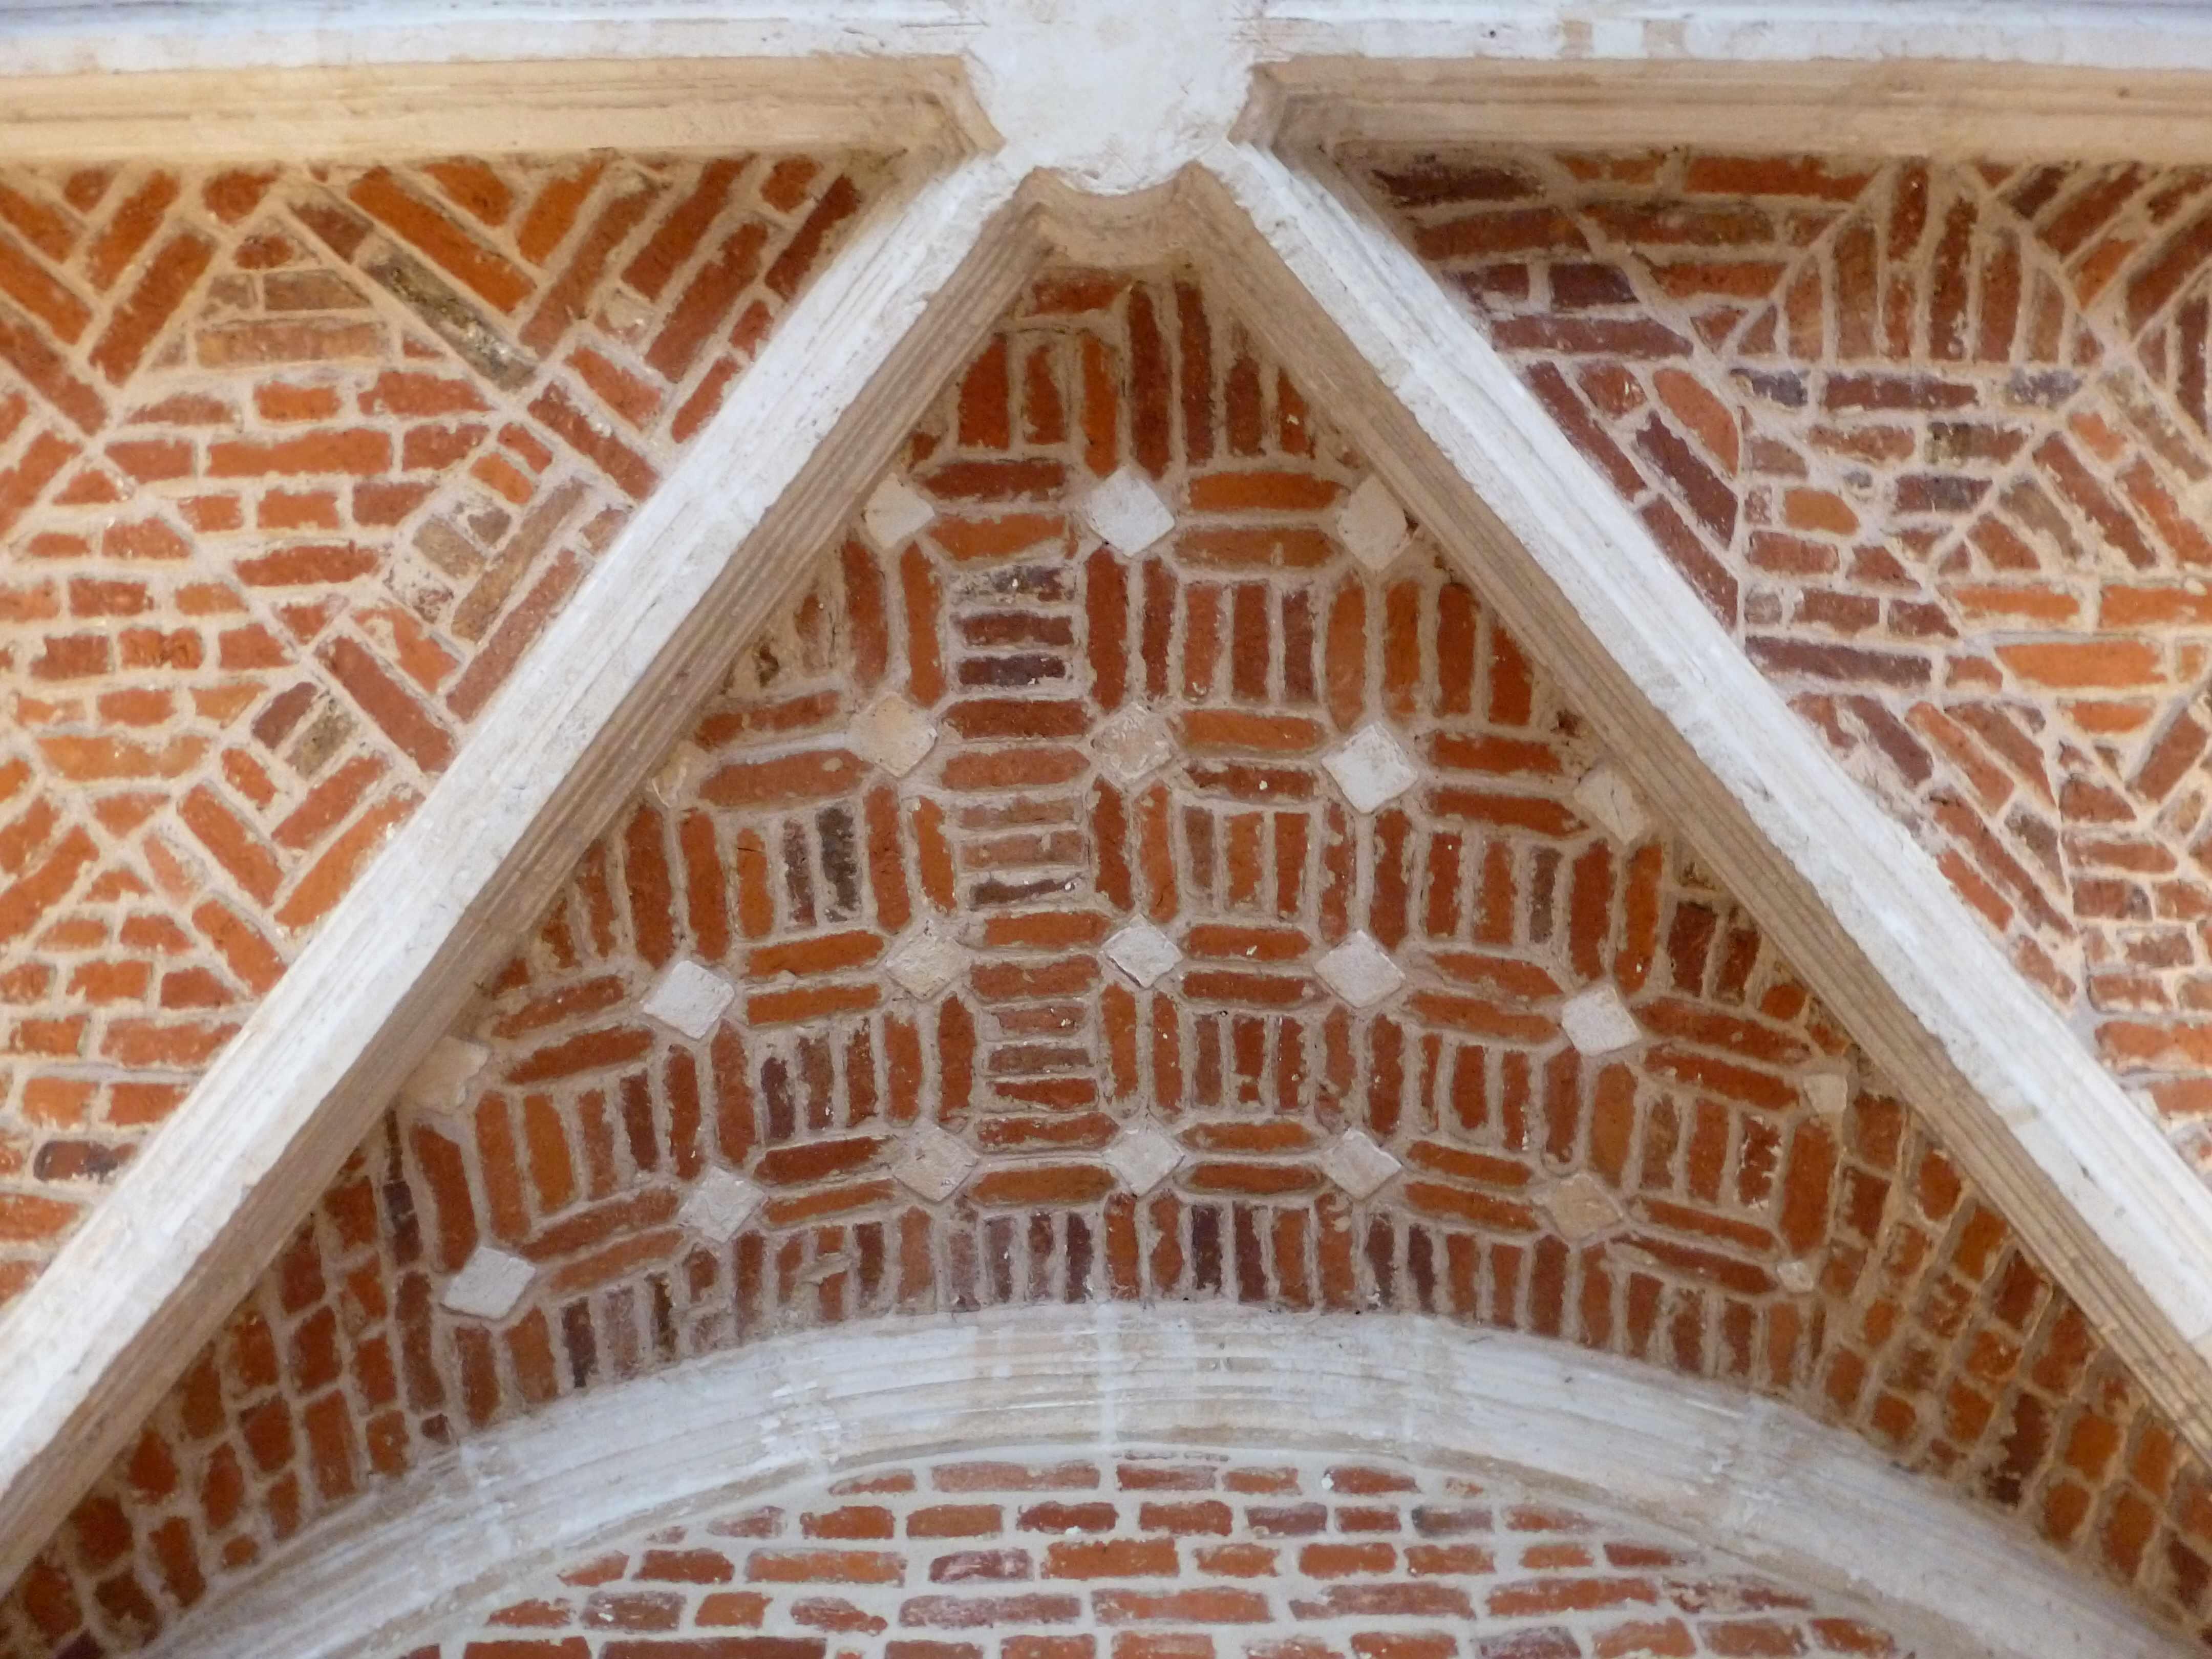 Brique tous les tages le blog - Brique decorative blanche ...